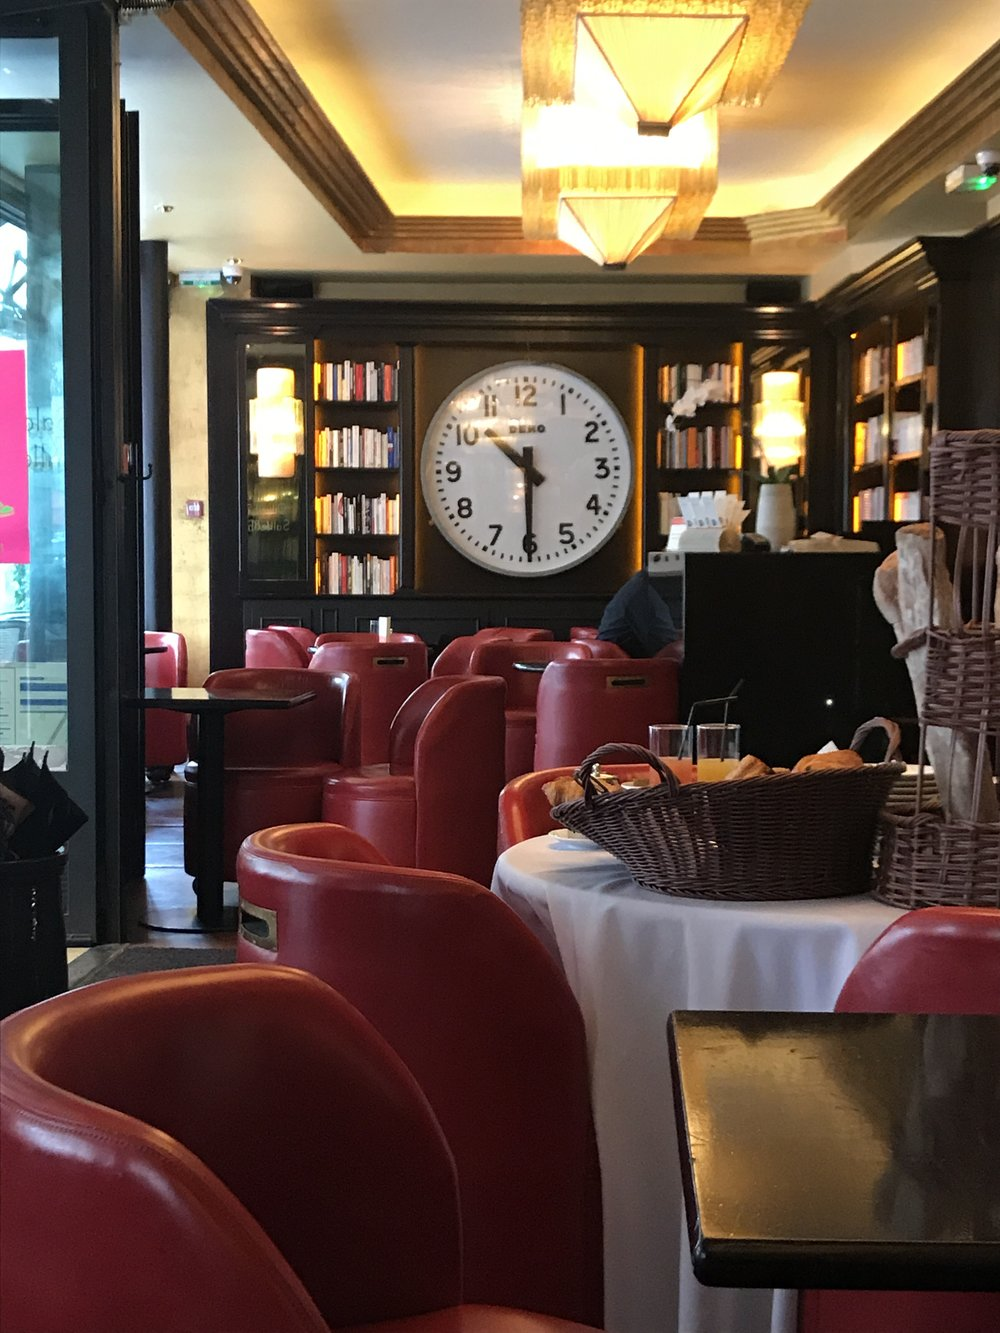 Quando olho essa foto... fico com saudades dos meus cafés da manhã lá. Foto: Mandolina Blog.